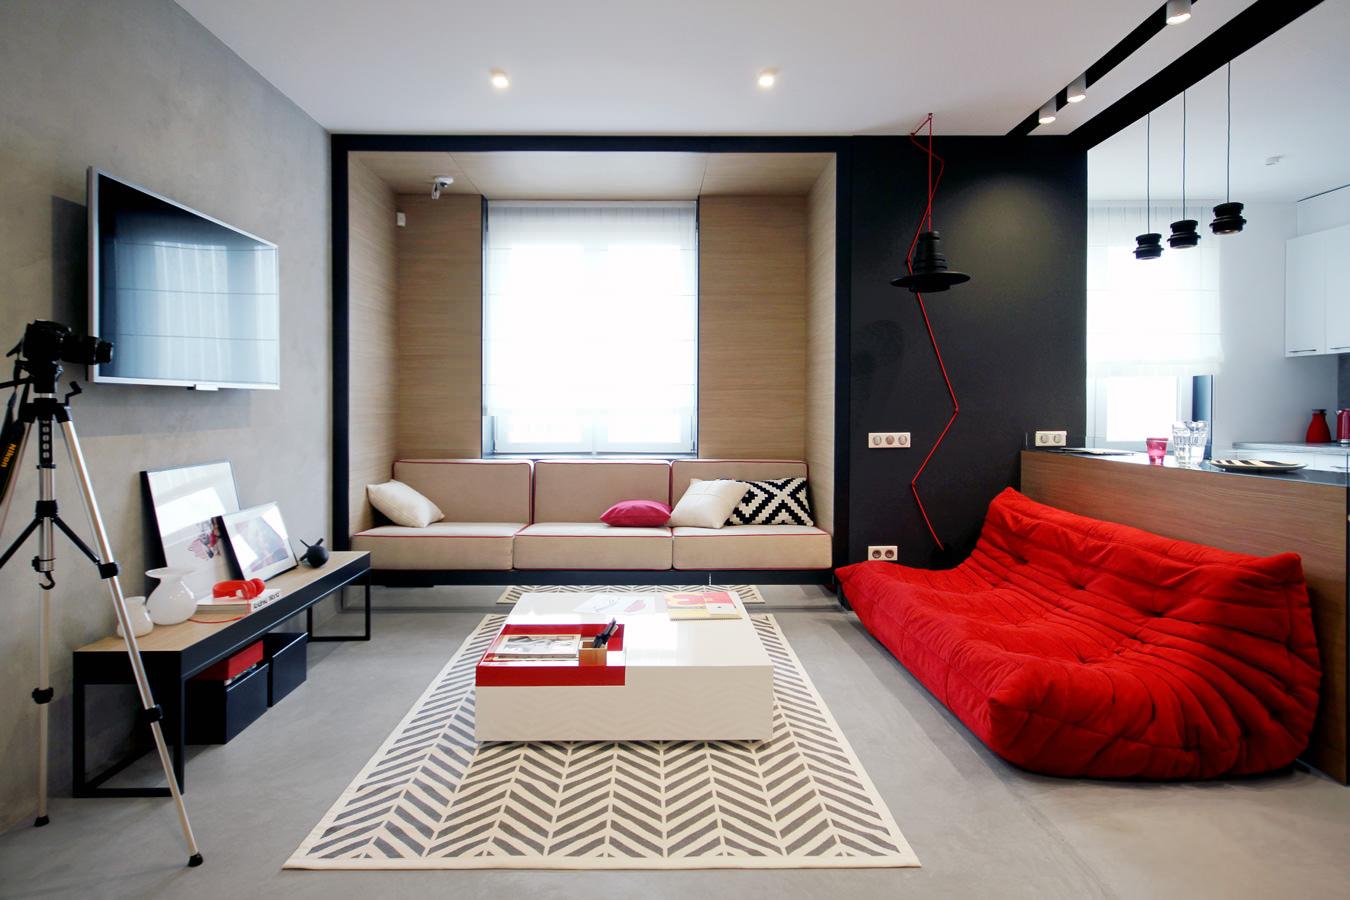 Красный бескаркасный диван